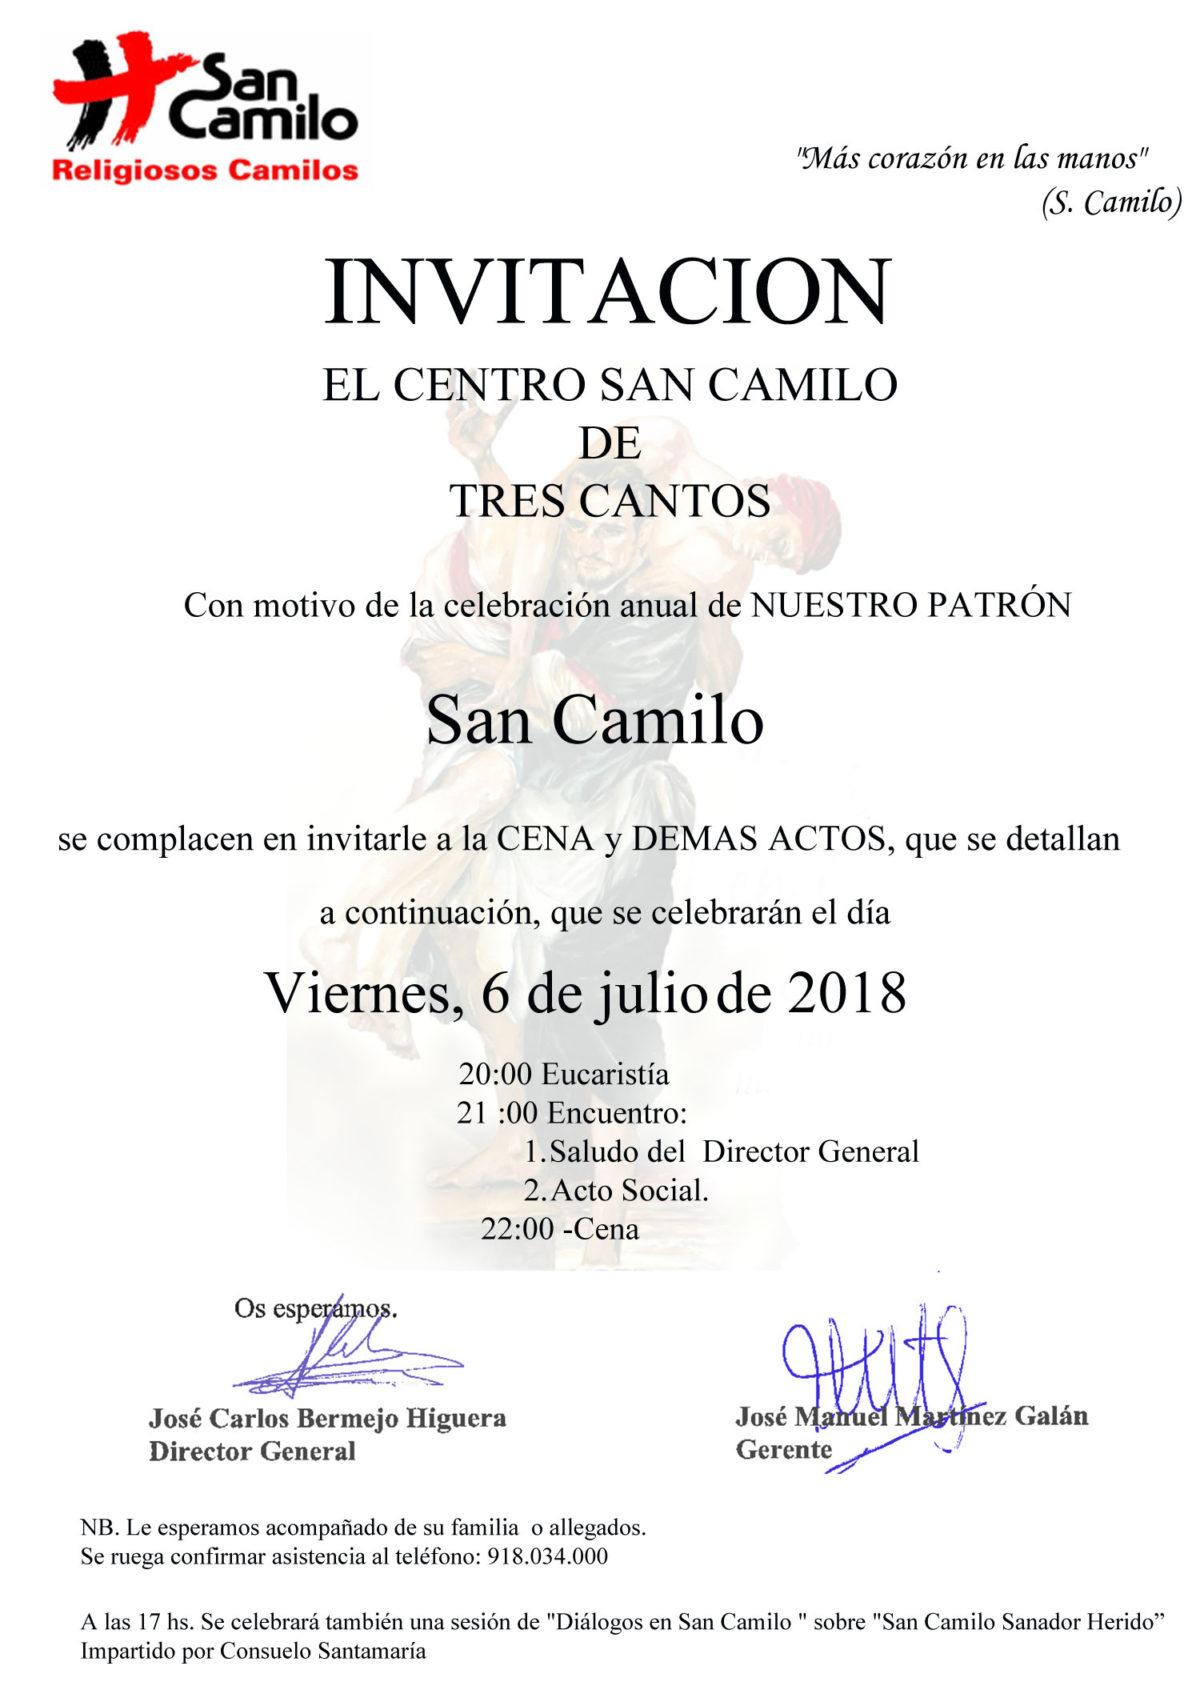 Bermejo invita a celebrar San Camilo el 6 de julio